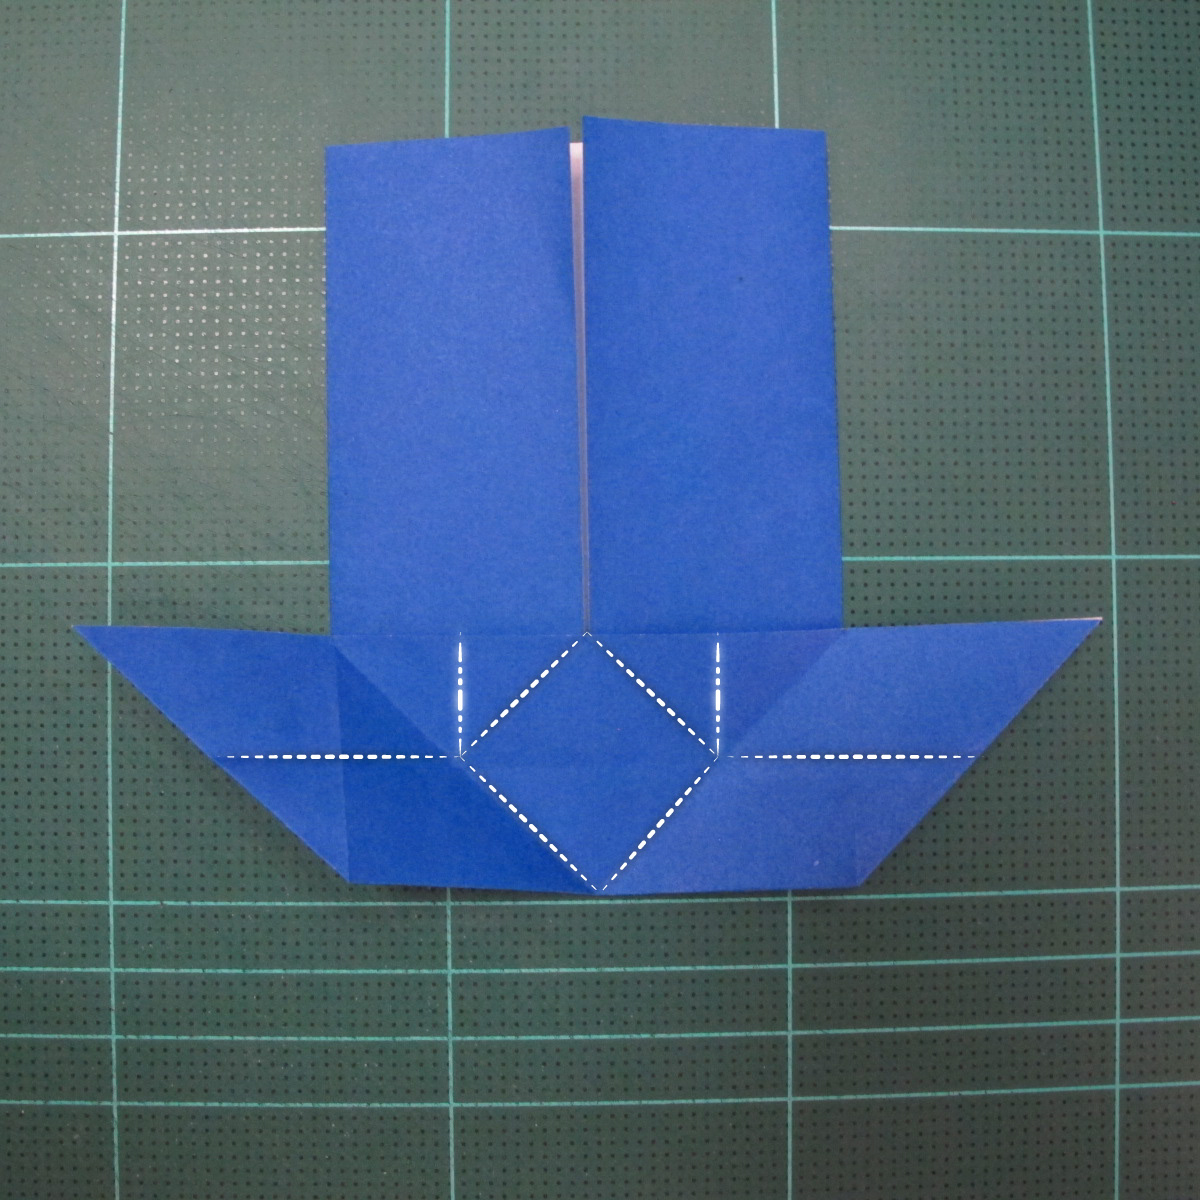 วิธีการพับกระดาษเป็นรูปกระต่าย แบบของเอ็ดวิน คอรี่ (Origami Rabbit)  008